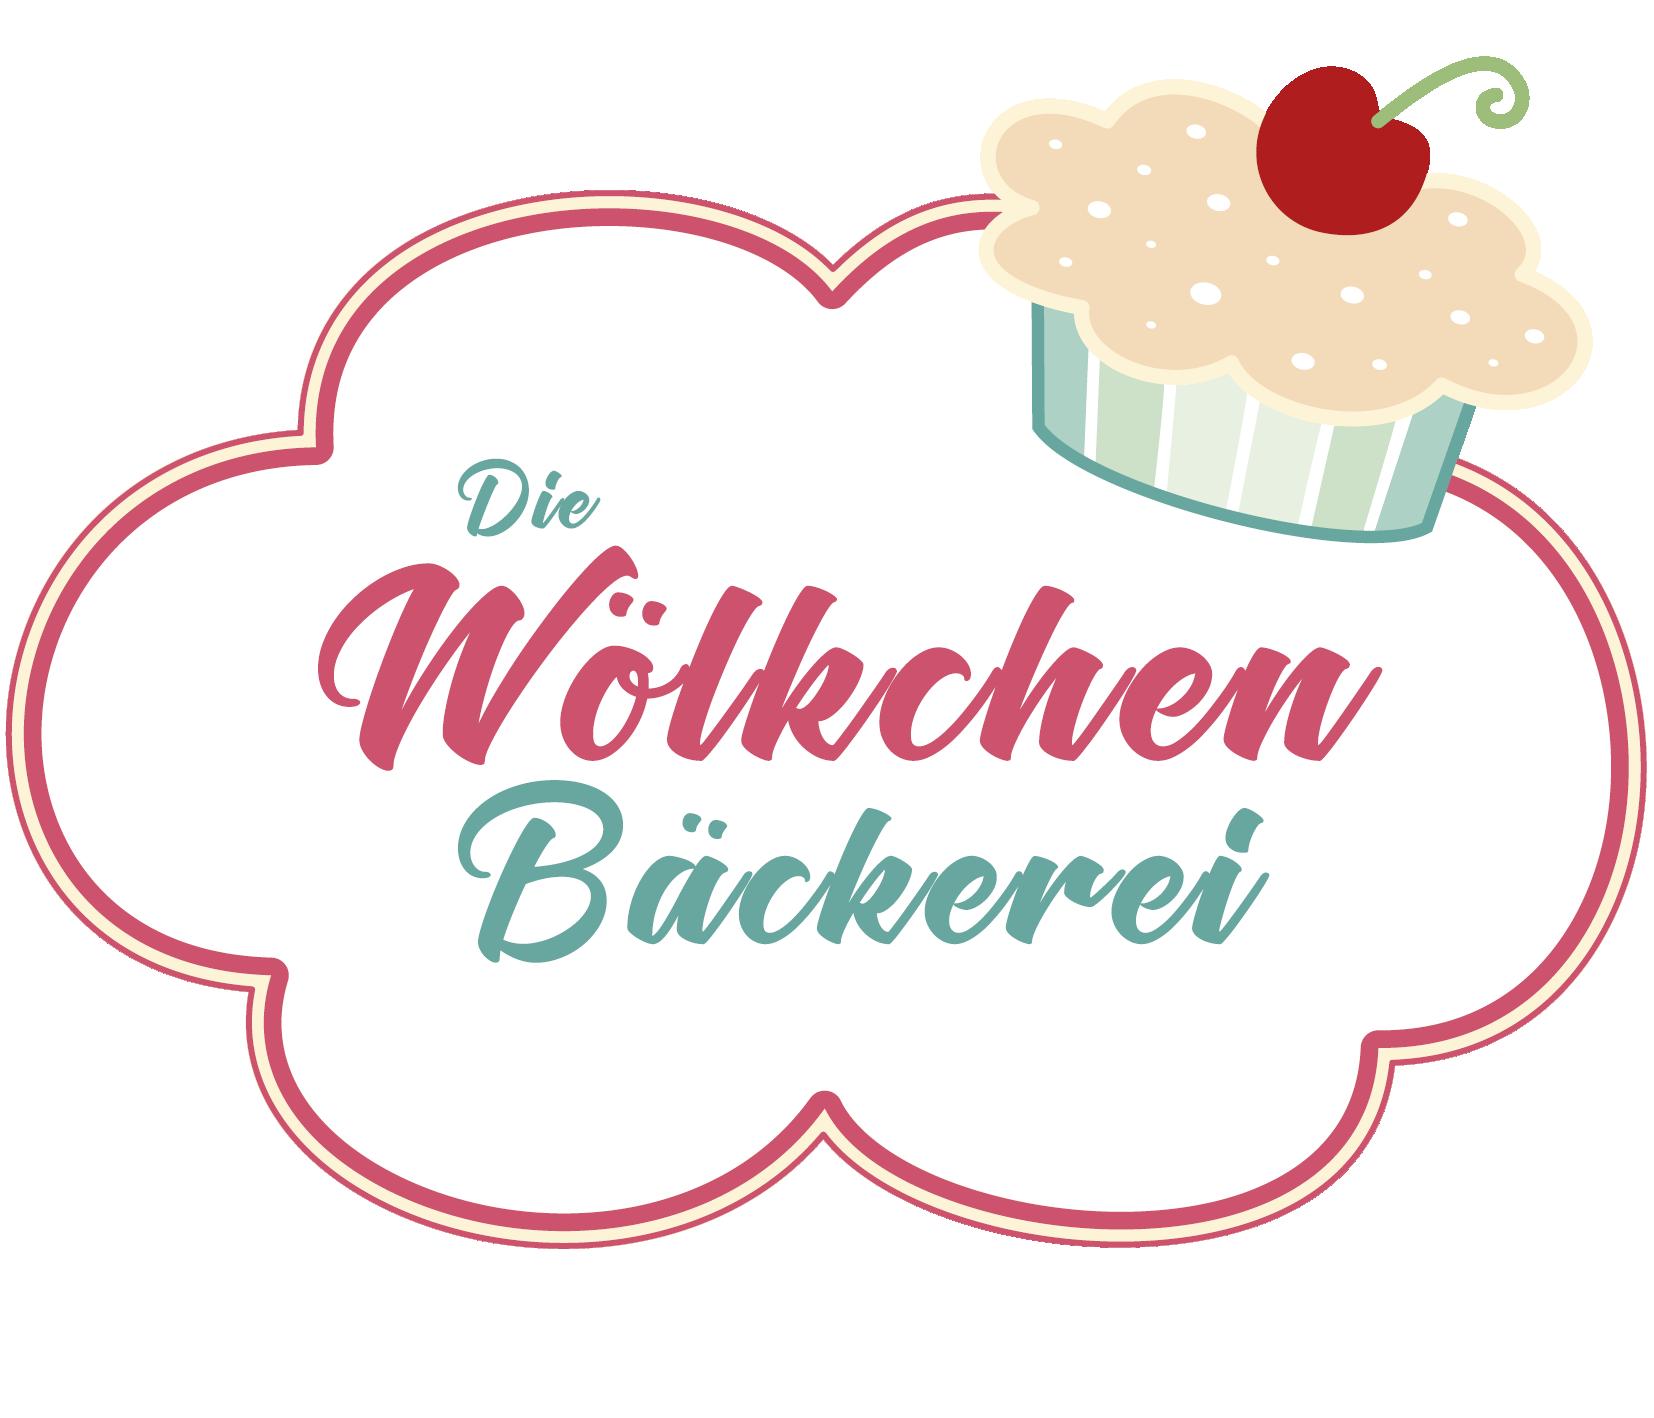 Wölkchenbäckerei - Wölkchenleicht backen